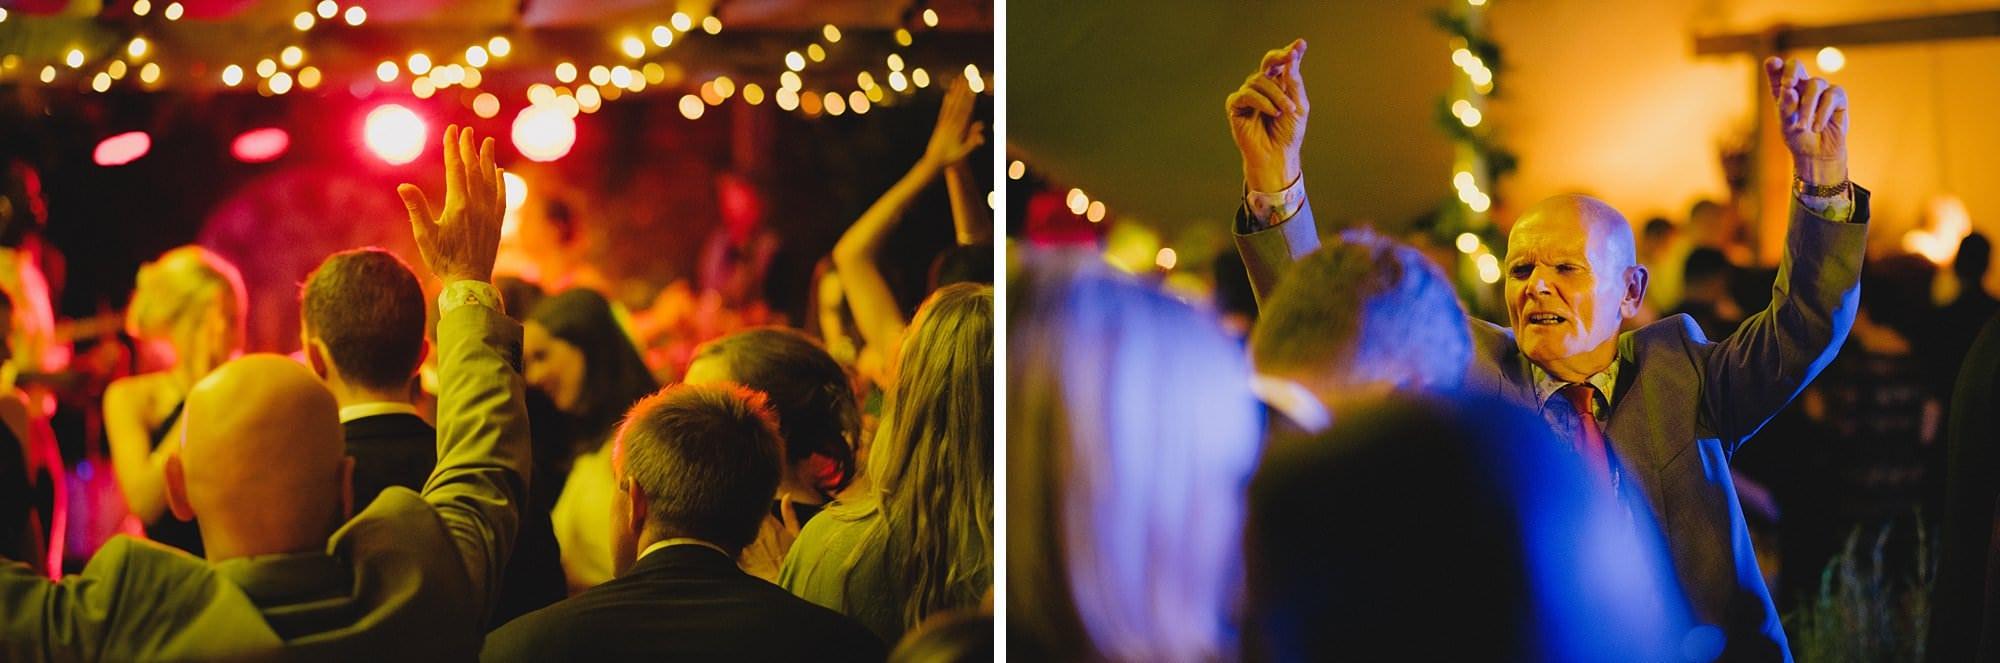 ashtead london wedding photographer 080 - Rachel & Jonny's Ashtead Wedding